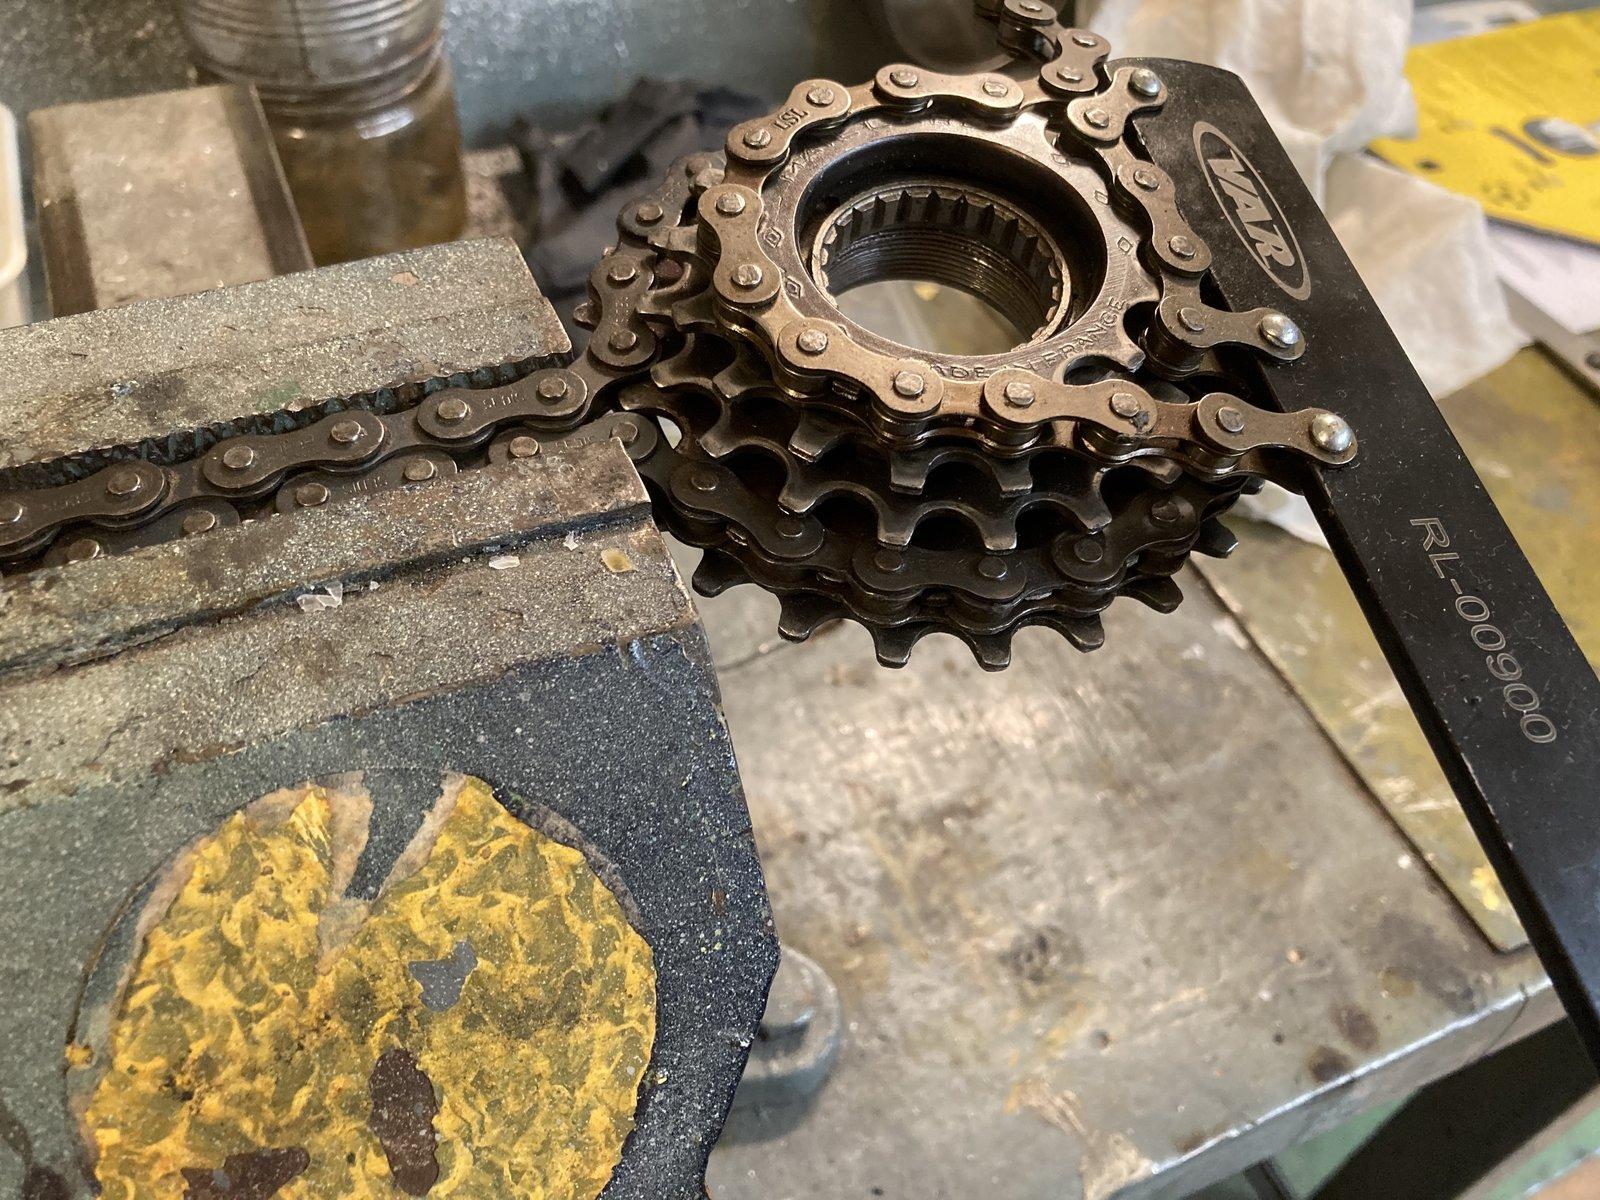 Pignons roue libre Maillard 5V (très) récalcitrants ... une idée ? 20070108485111177